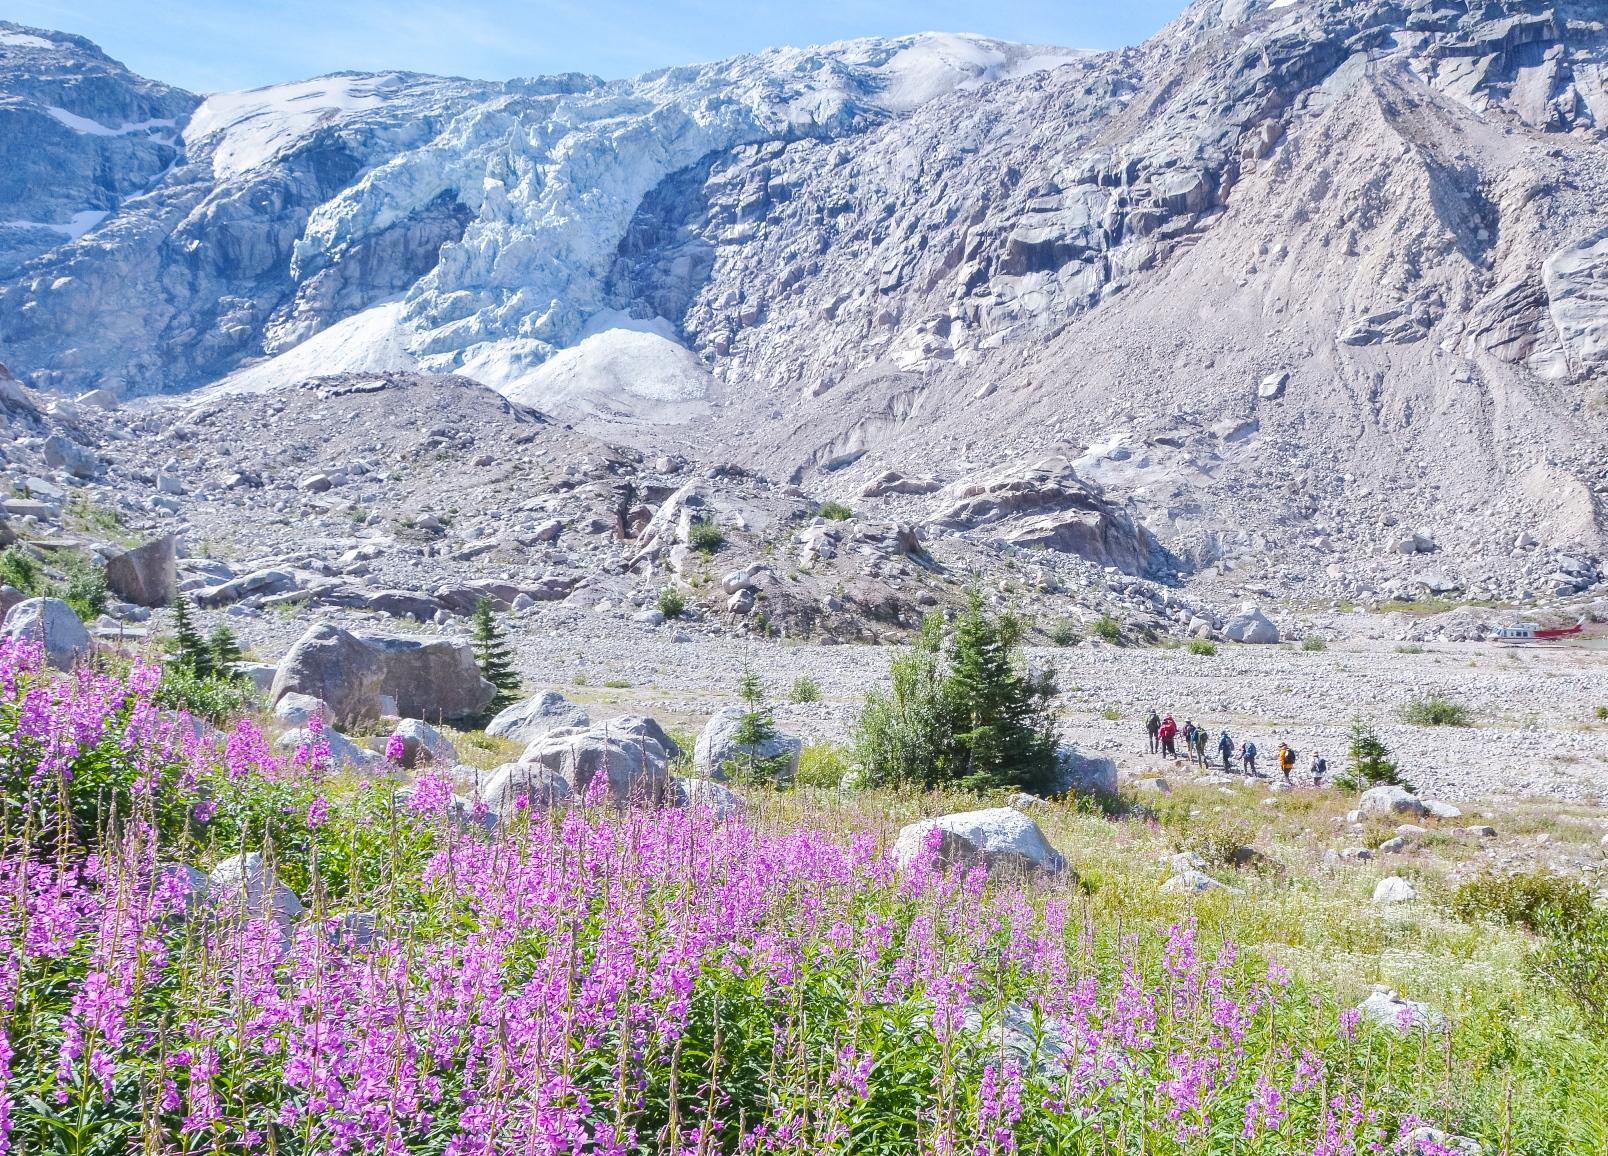 巨大な懸垂氷河と高山植物が咲く山上の別天地を独占して歩く贅沢なひととき(ボビーバーンズ)